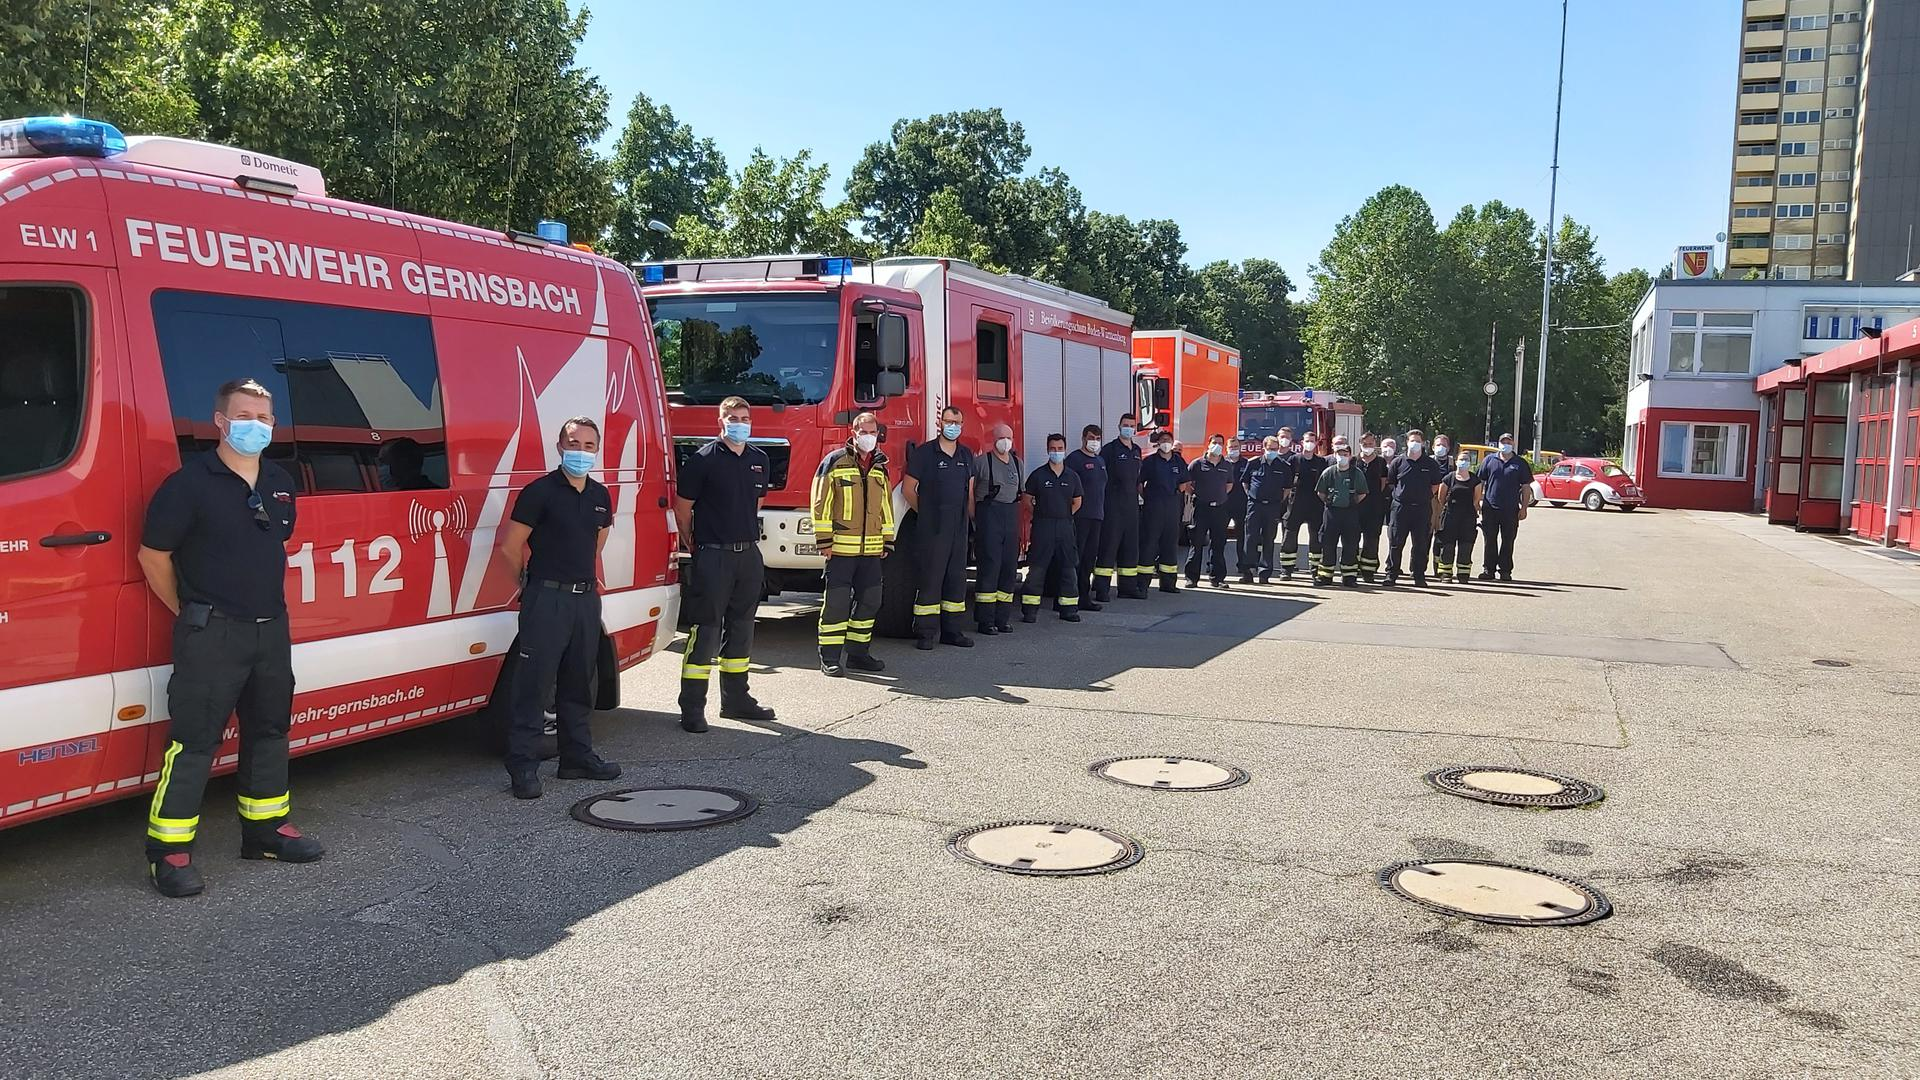 Ein Hochwasserzug aus dem Landkreis Rastatt mit 21 Einsatzkräften startet in Richtung Rheinland-Pfalz.